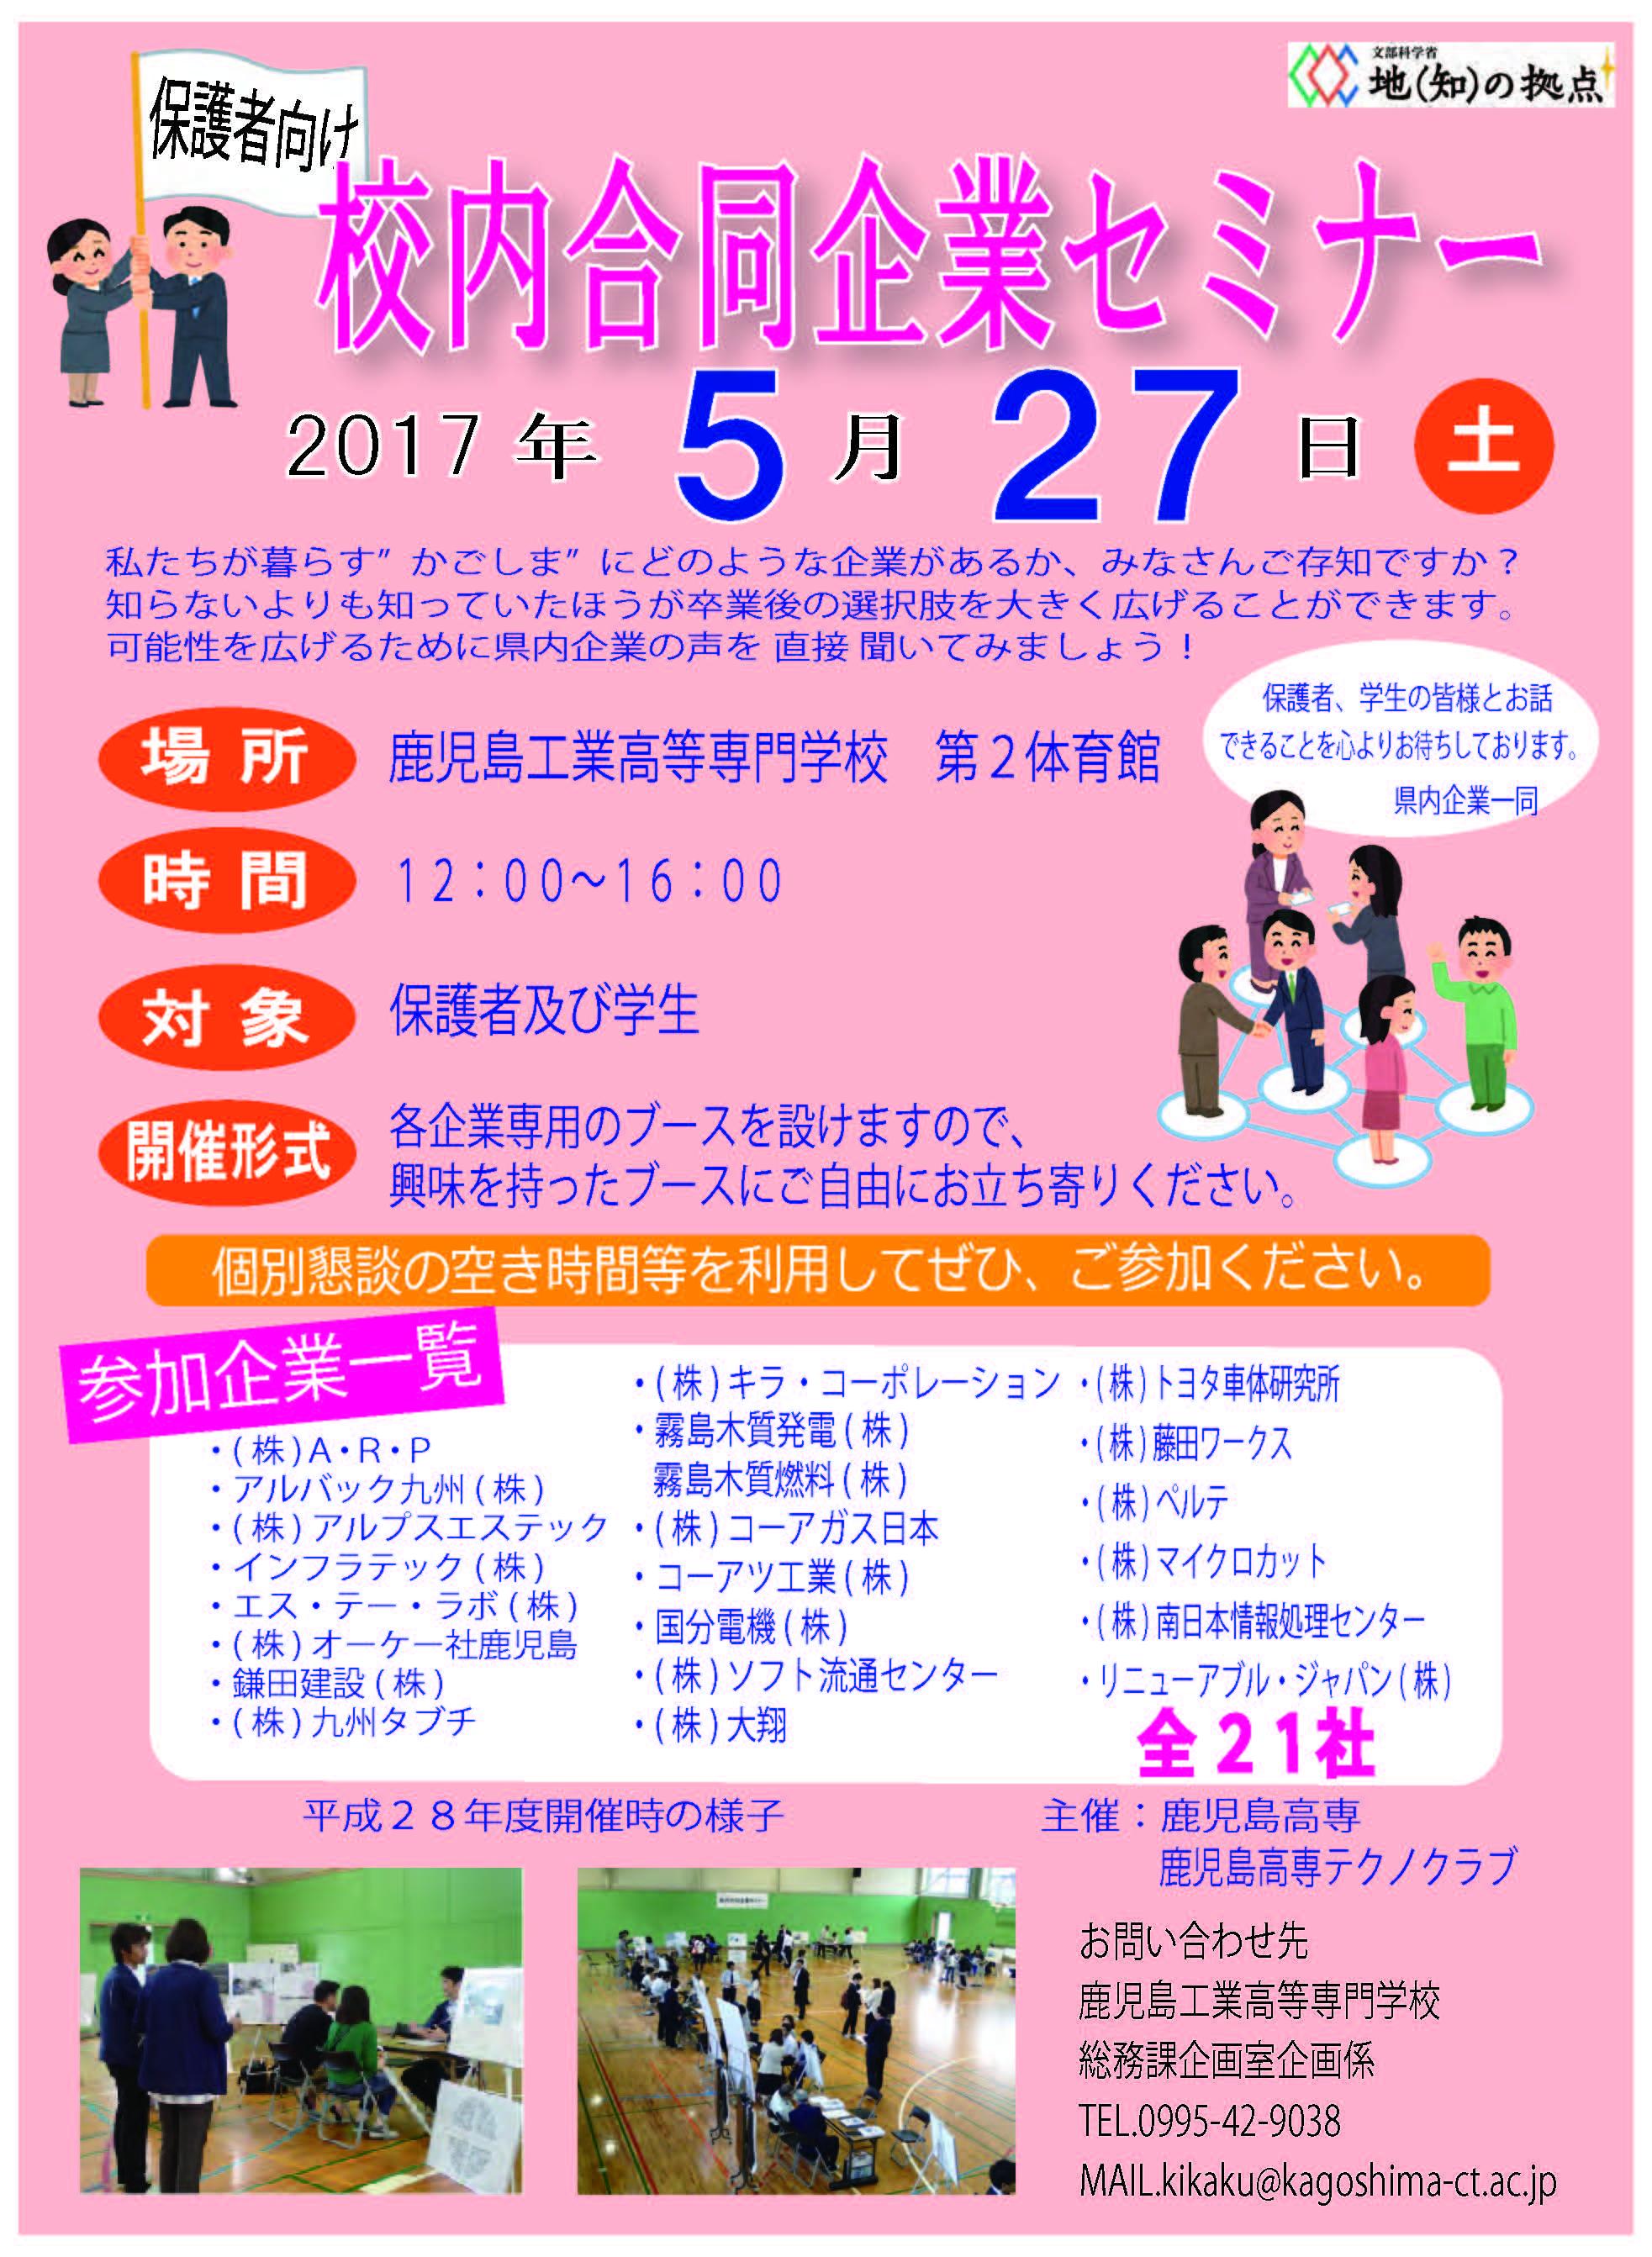 保護者向け校内合同企業セミナーの開催について(2017/5/27)